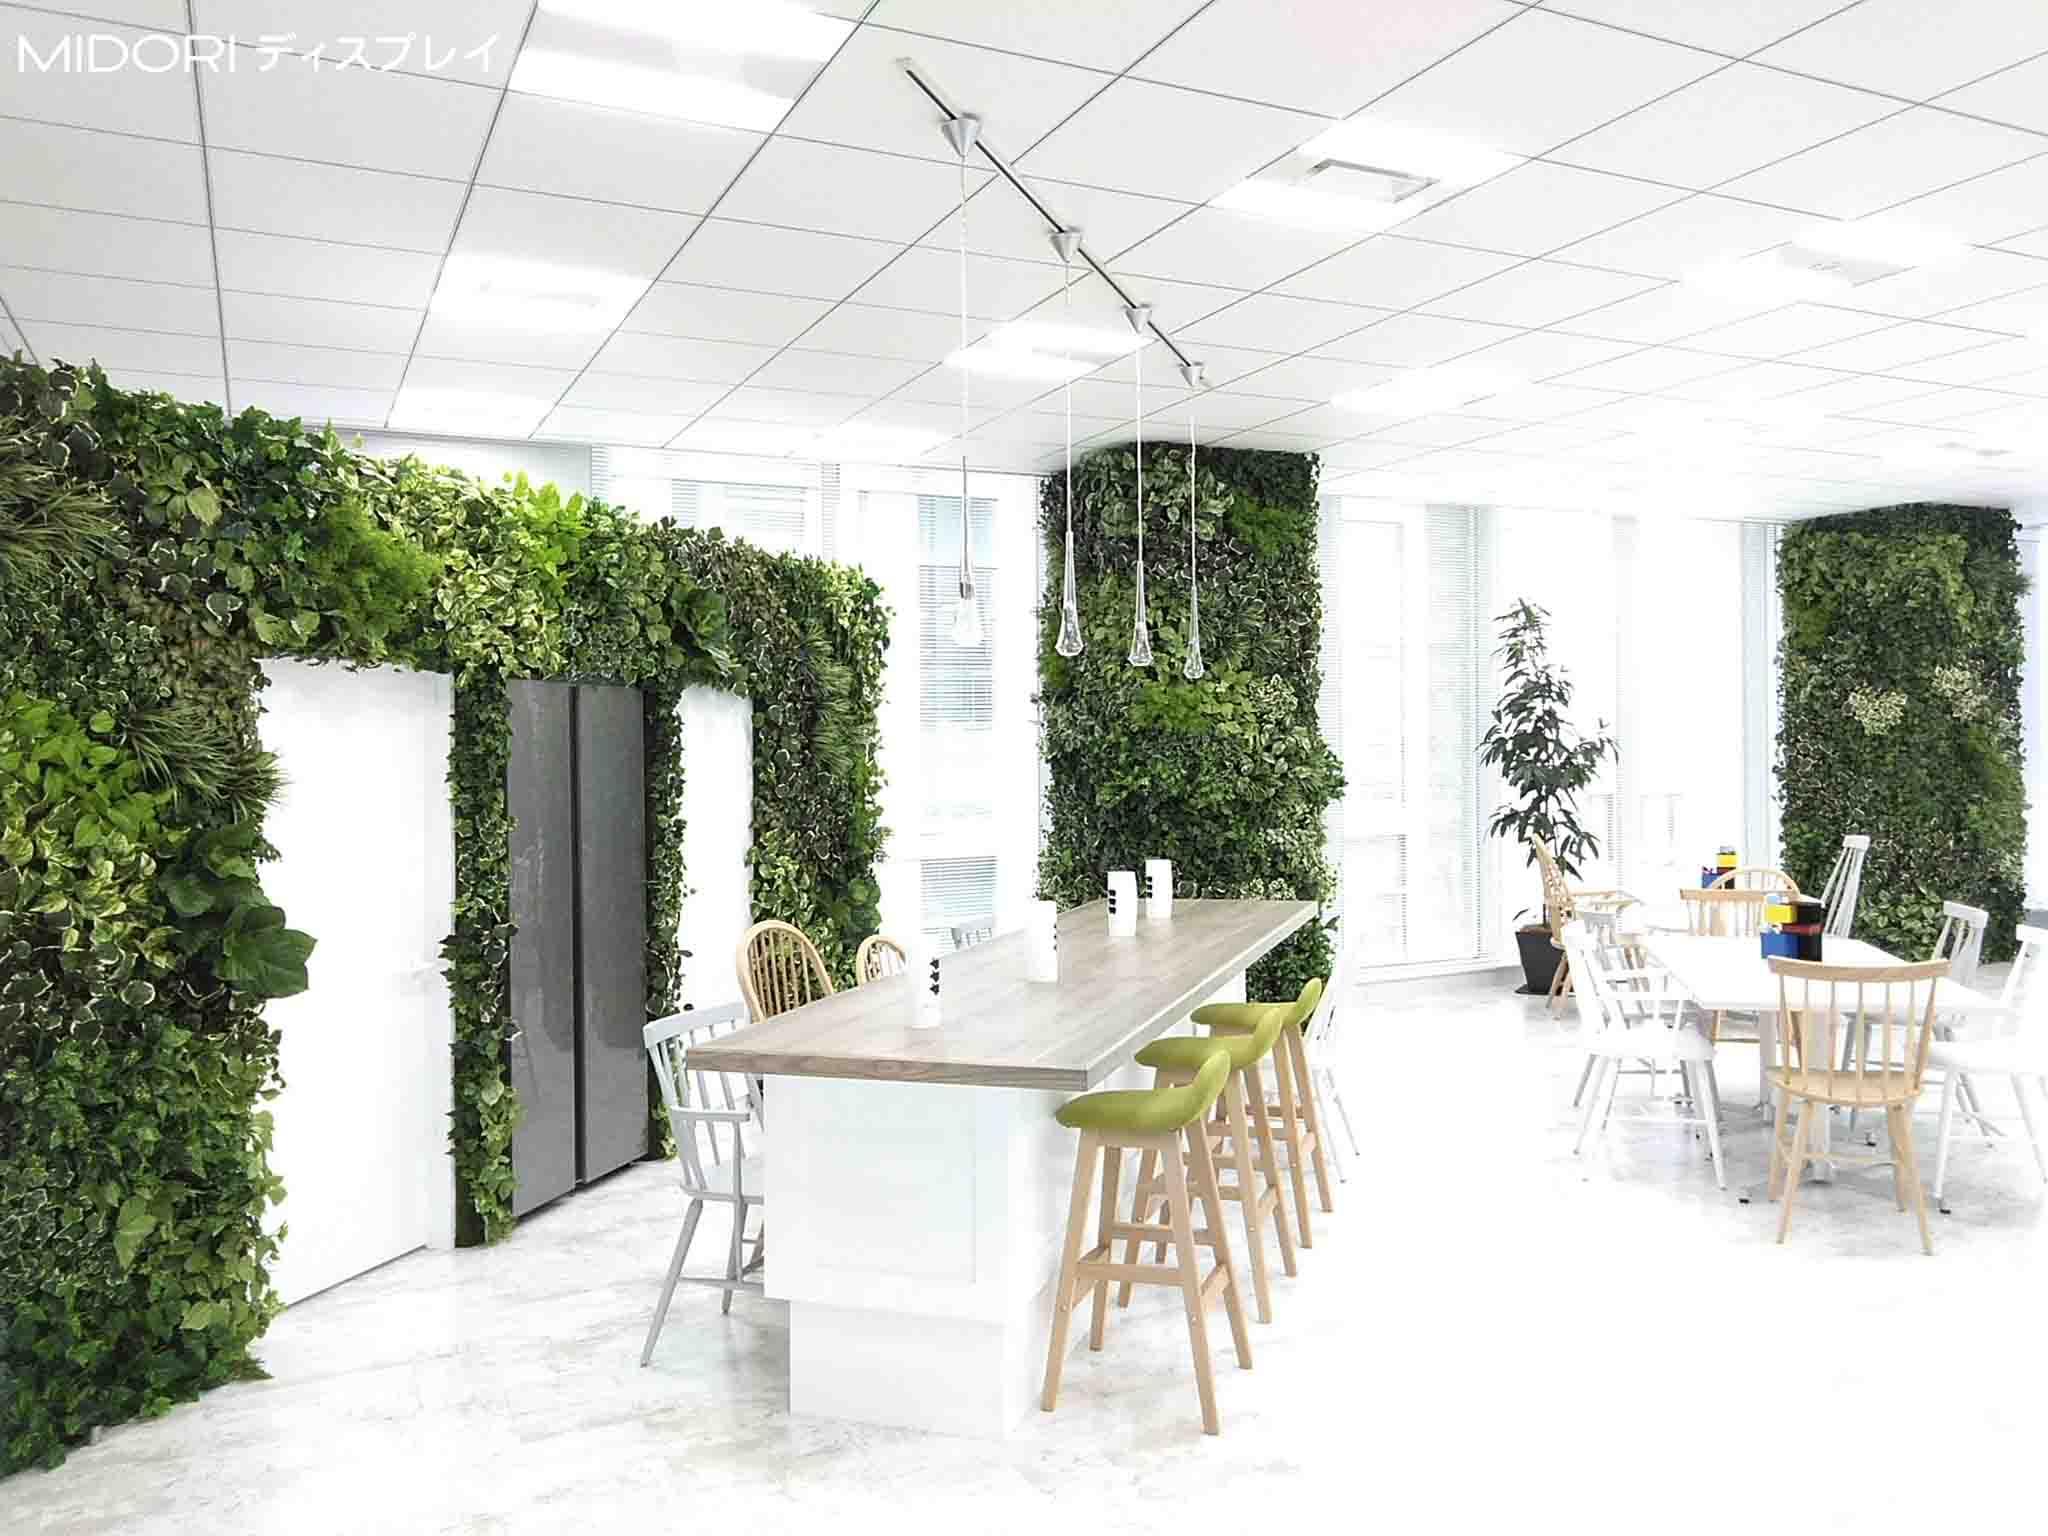 某企業リクルートフロアへのアートグリーン緑化施工